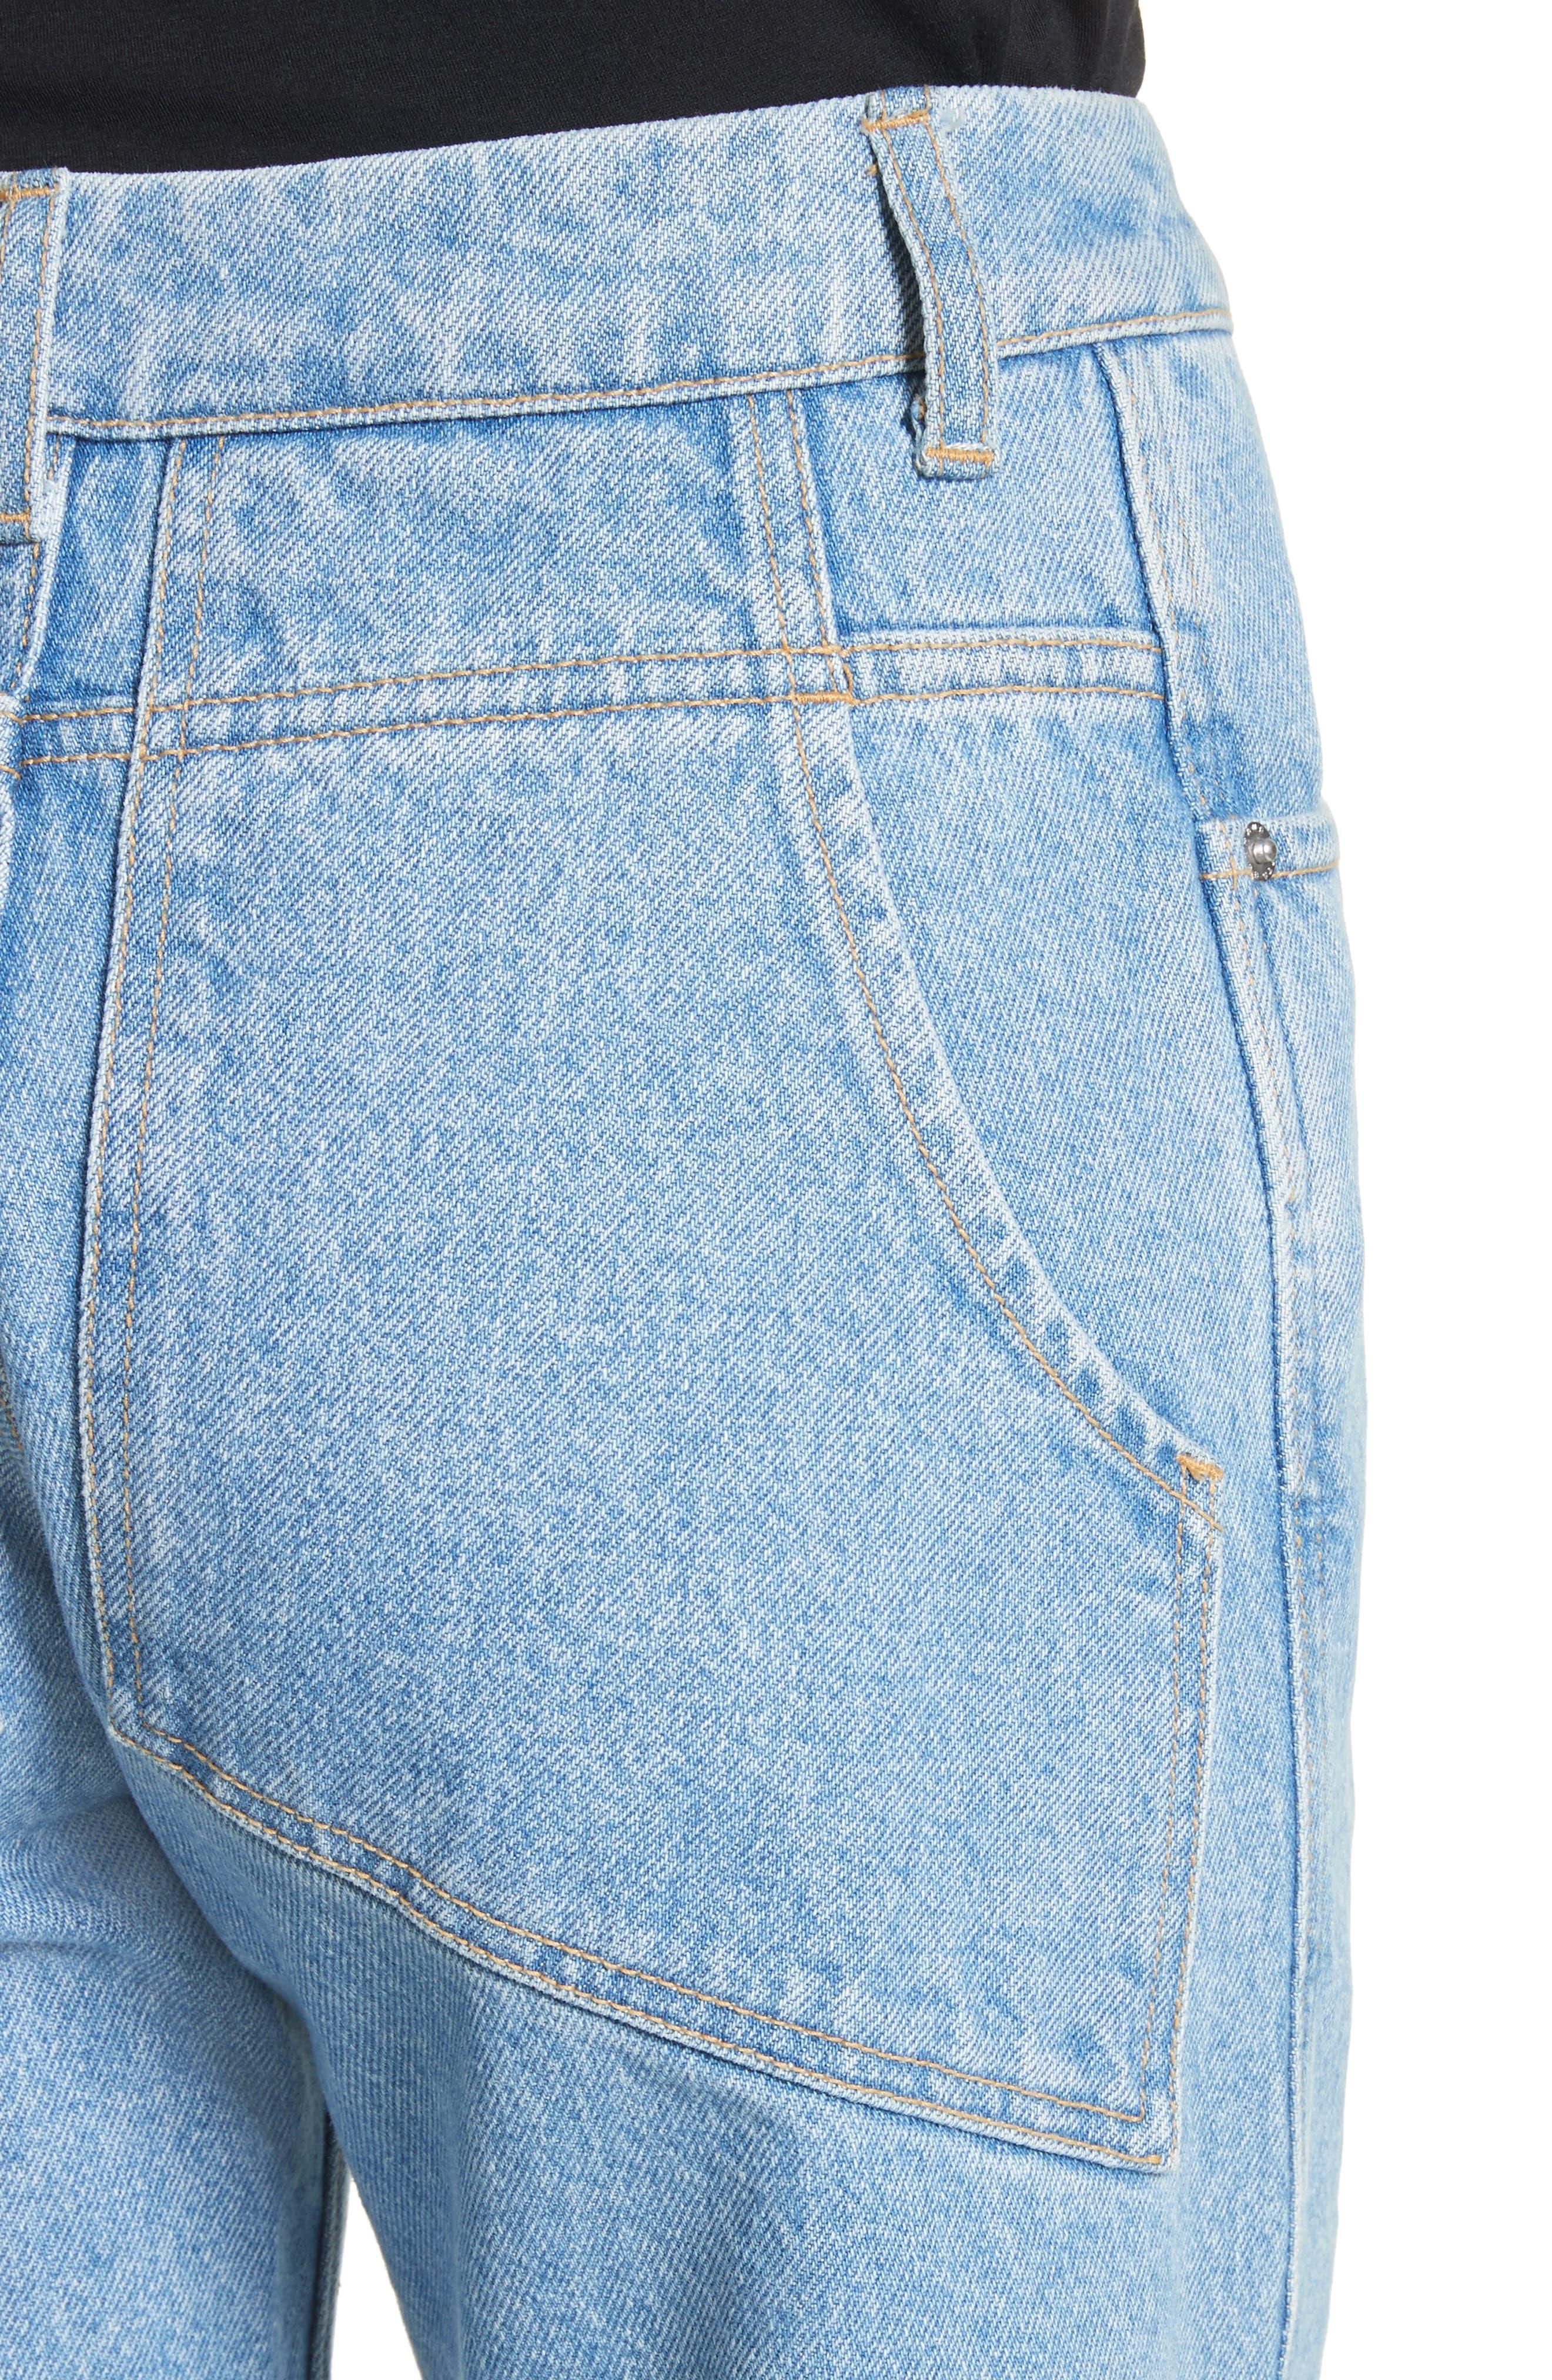 EL Wide Leg Jeans,                             Alternate thumbnail 4, color,                             True Blue